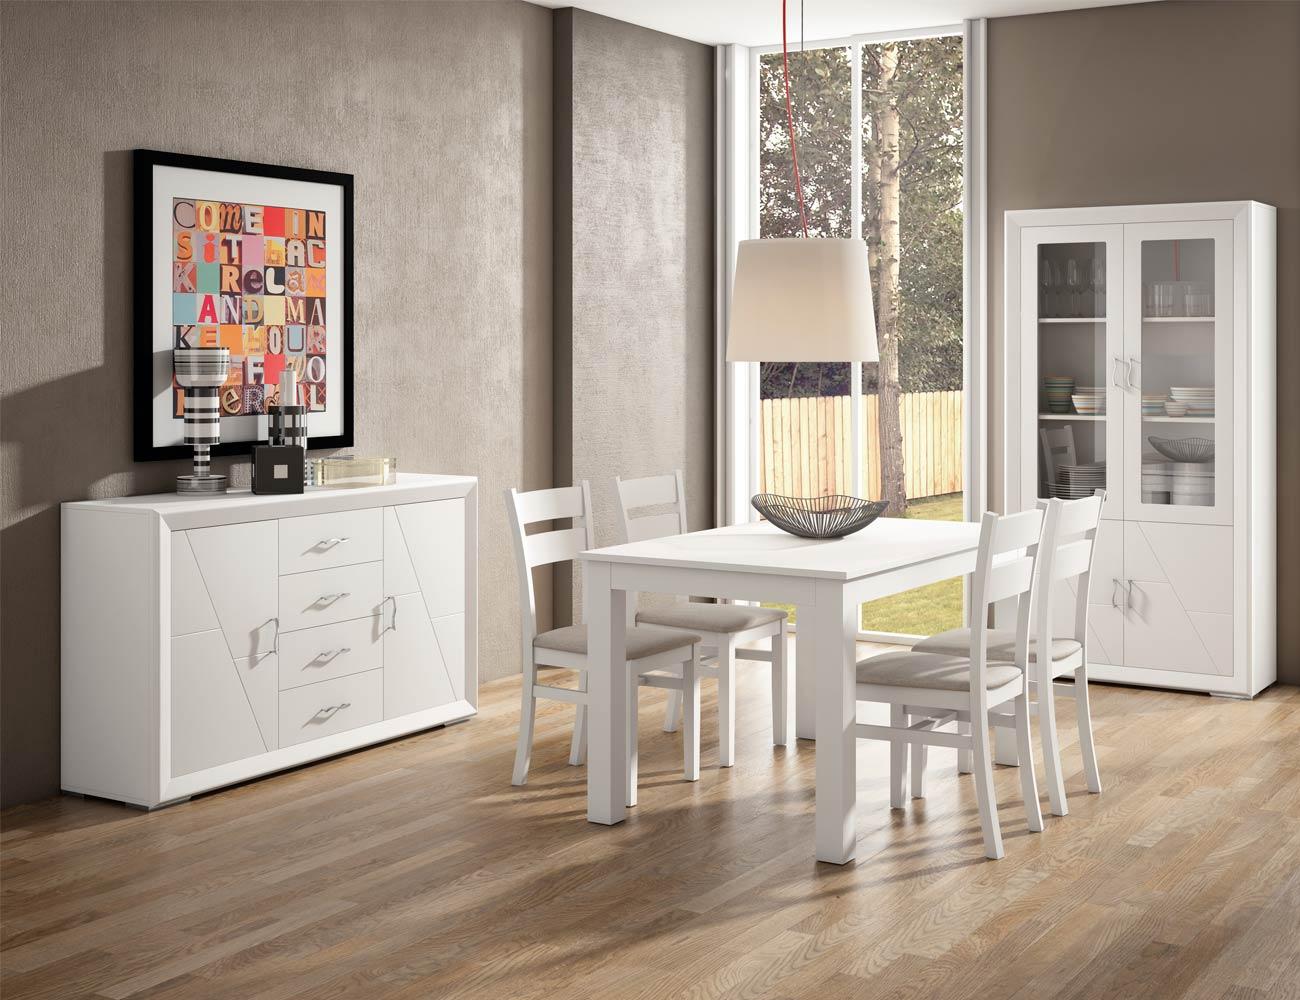 Aparador vitrina 2p silla tapizada mesa estensible madera dm lacado6